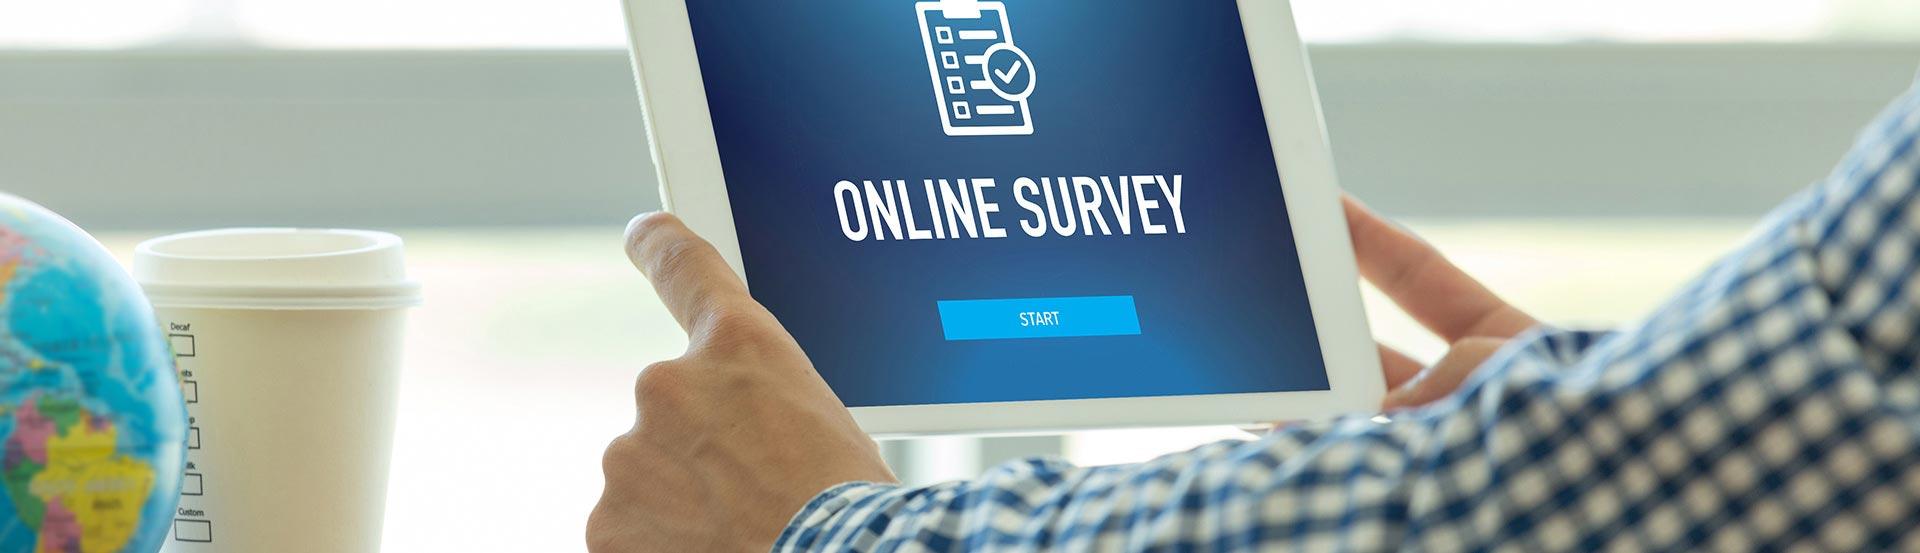 Online survey components